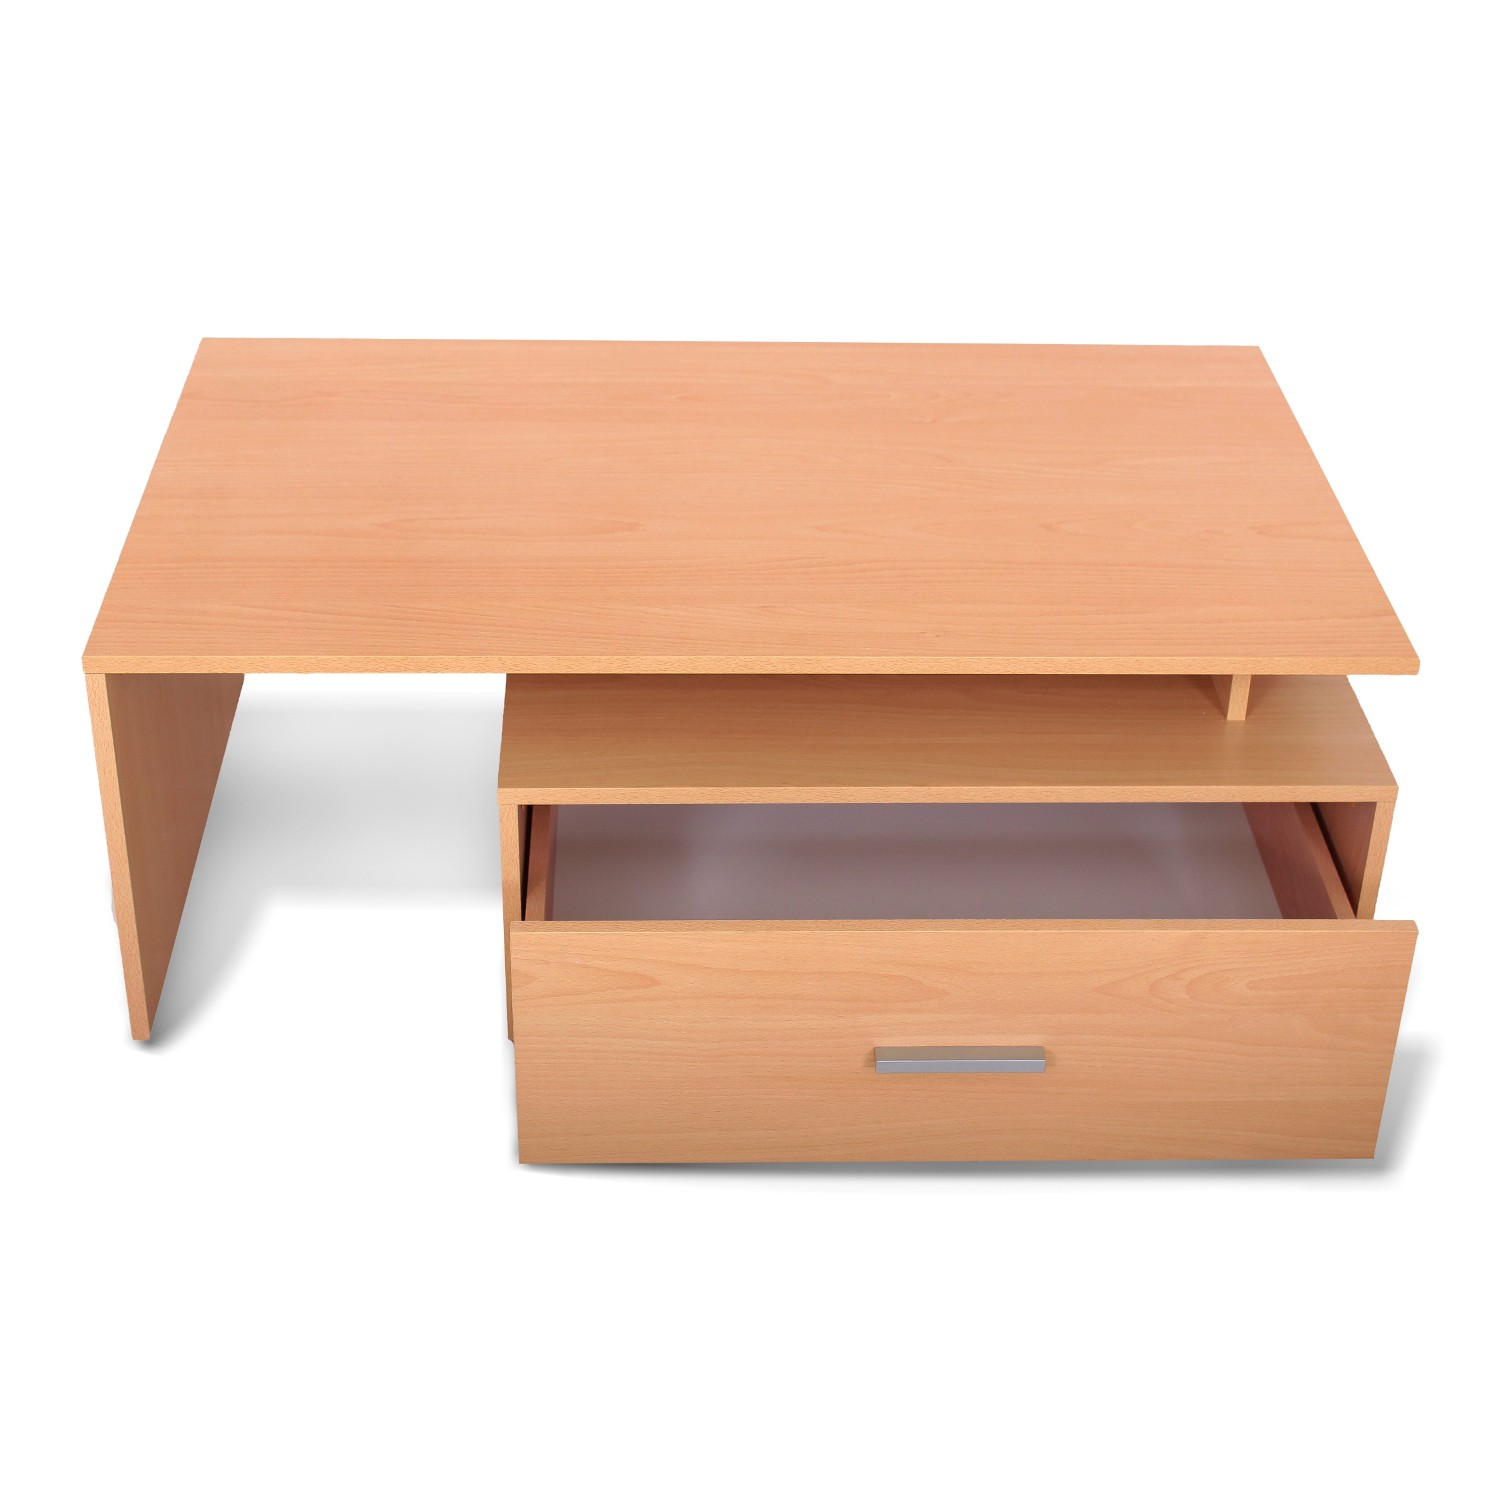 couchtisch padua tischplatte 100 x 60 cm 1 schublade buche wohnen couchtische. Black Bedroom Furniture Sets. Home Design Ideas